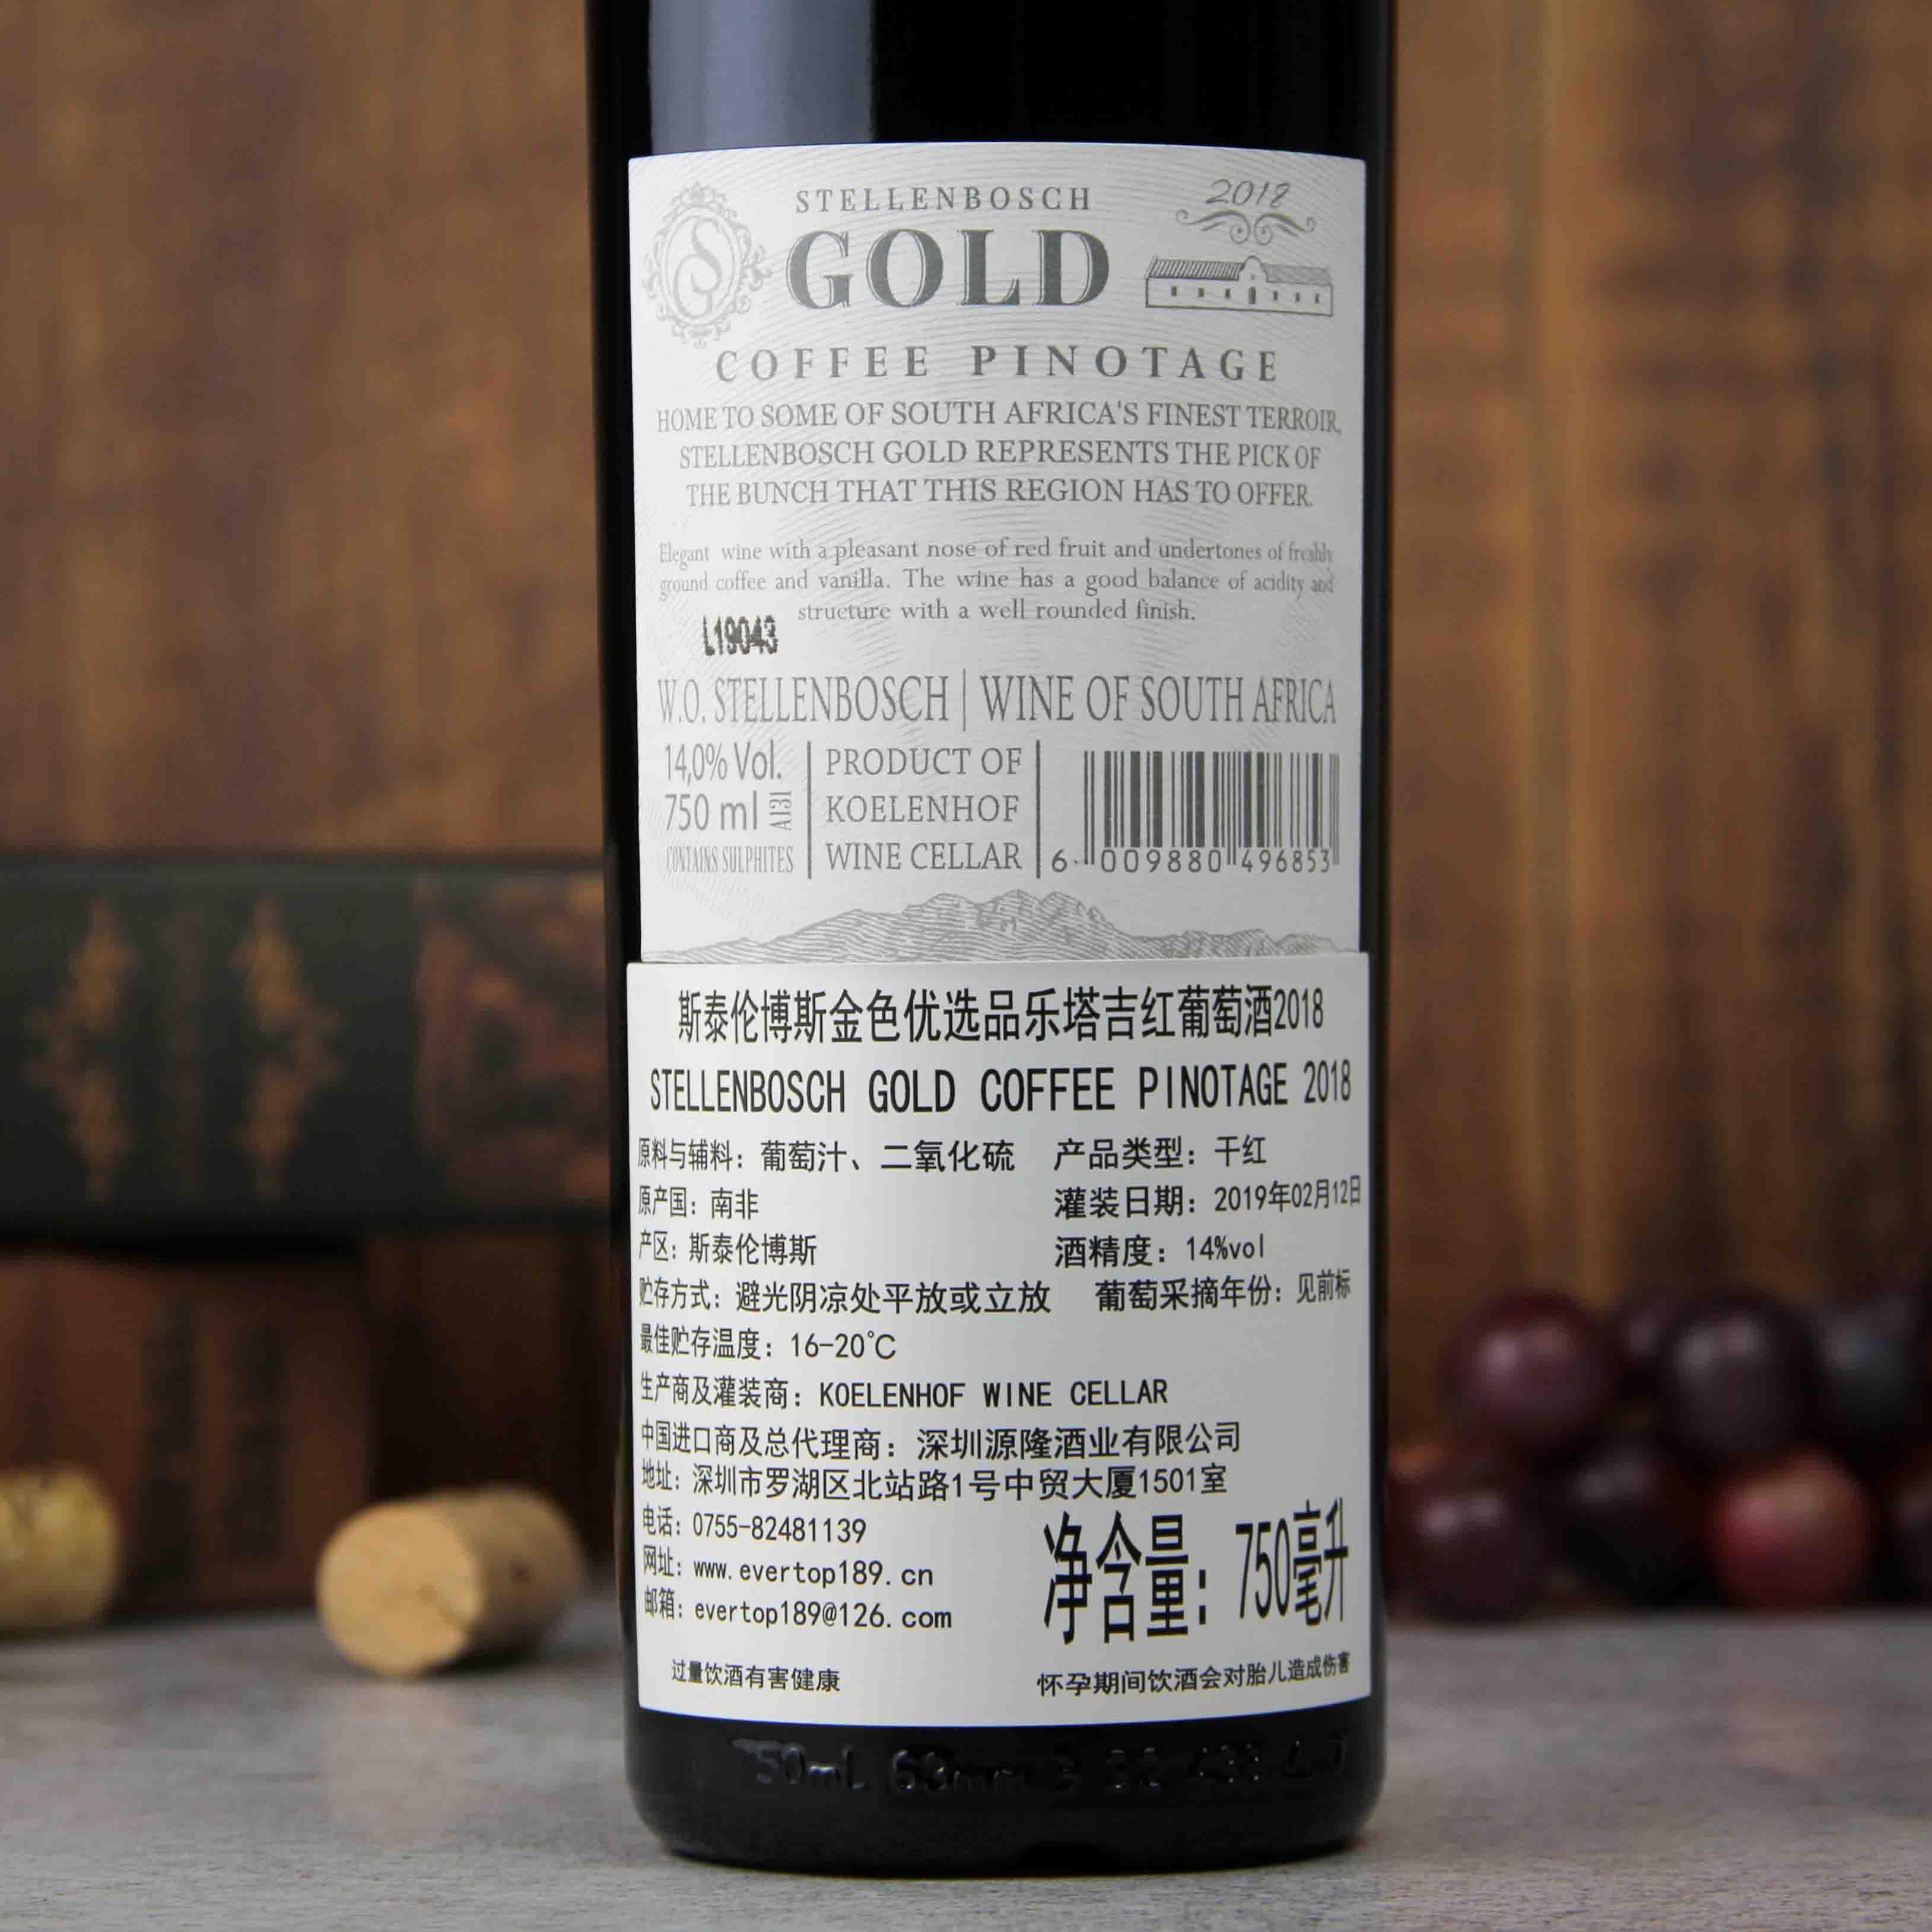 南非斯泰伦博斯金色优选咖啡品乐塔吉红葡萄酒红酒